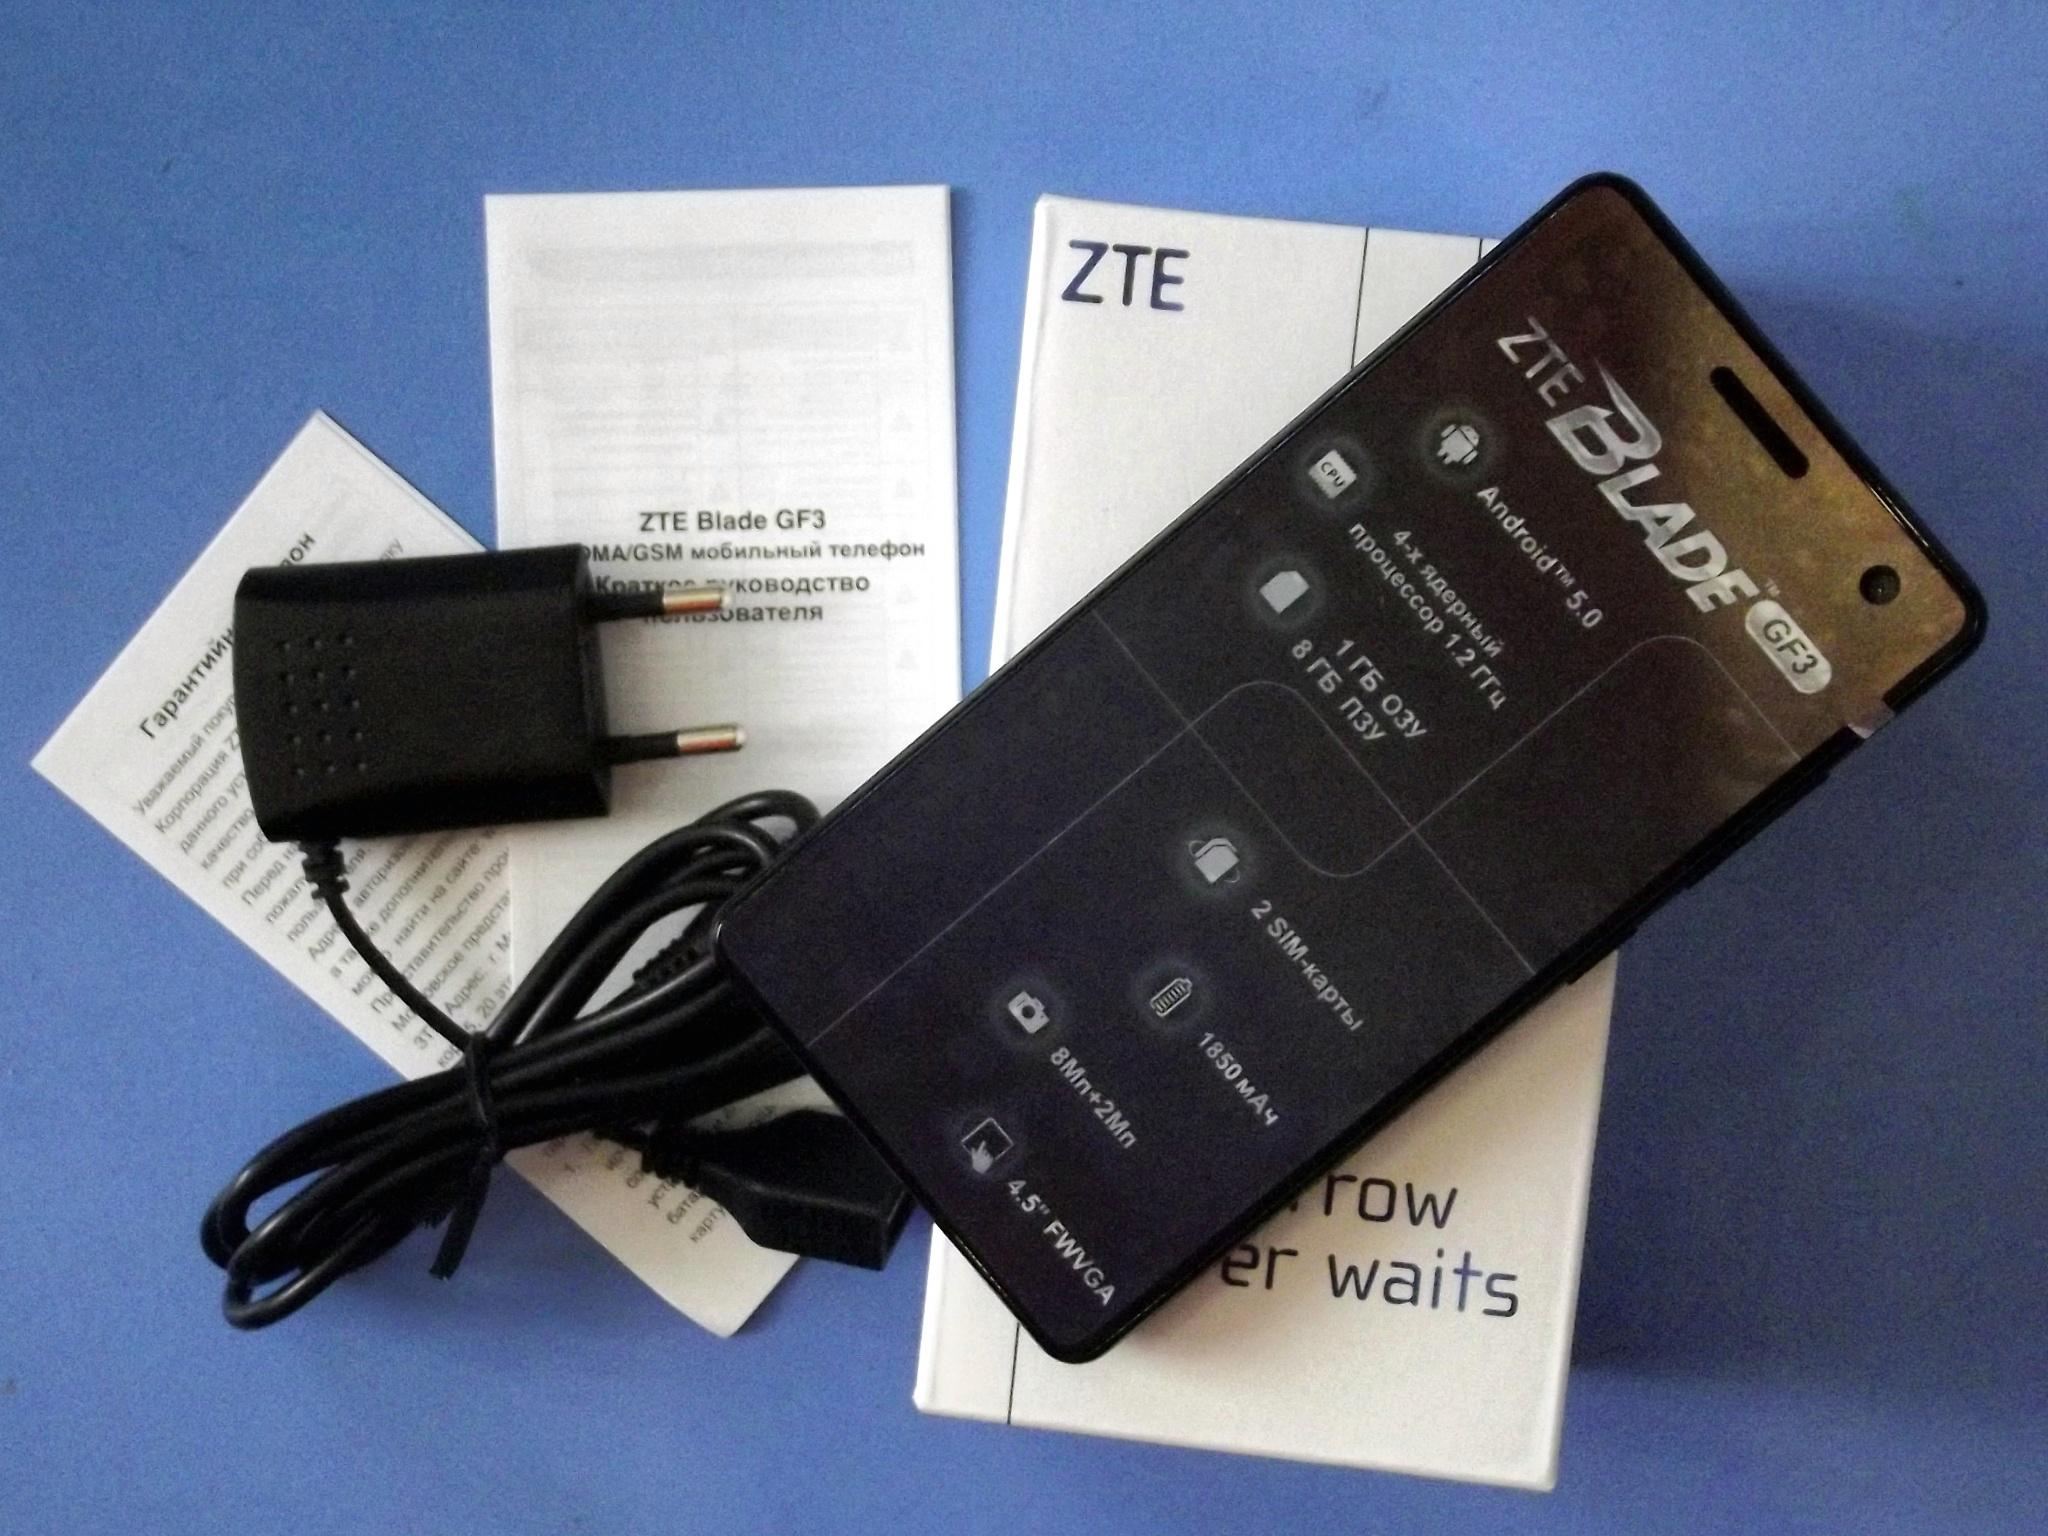 инструкция к смартфону zte blade gf3